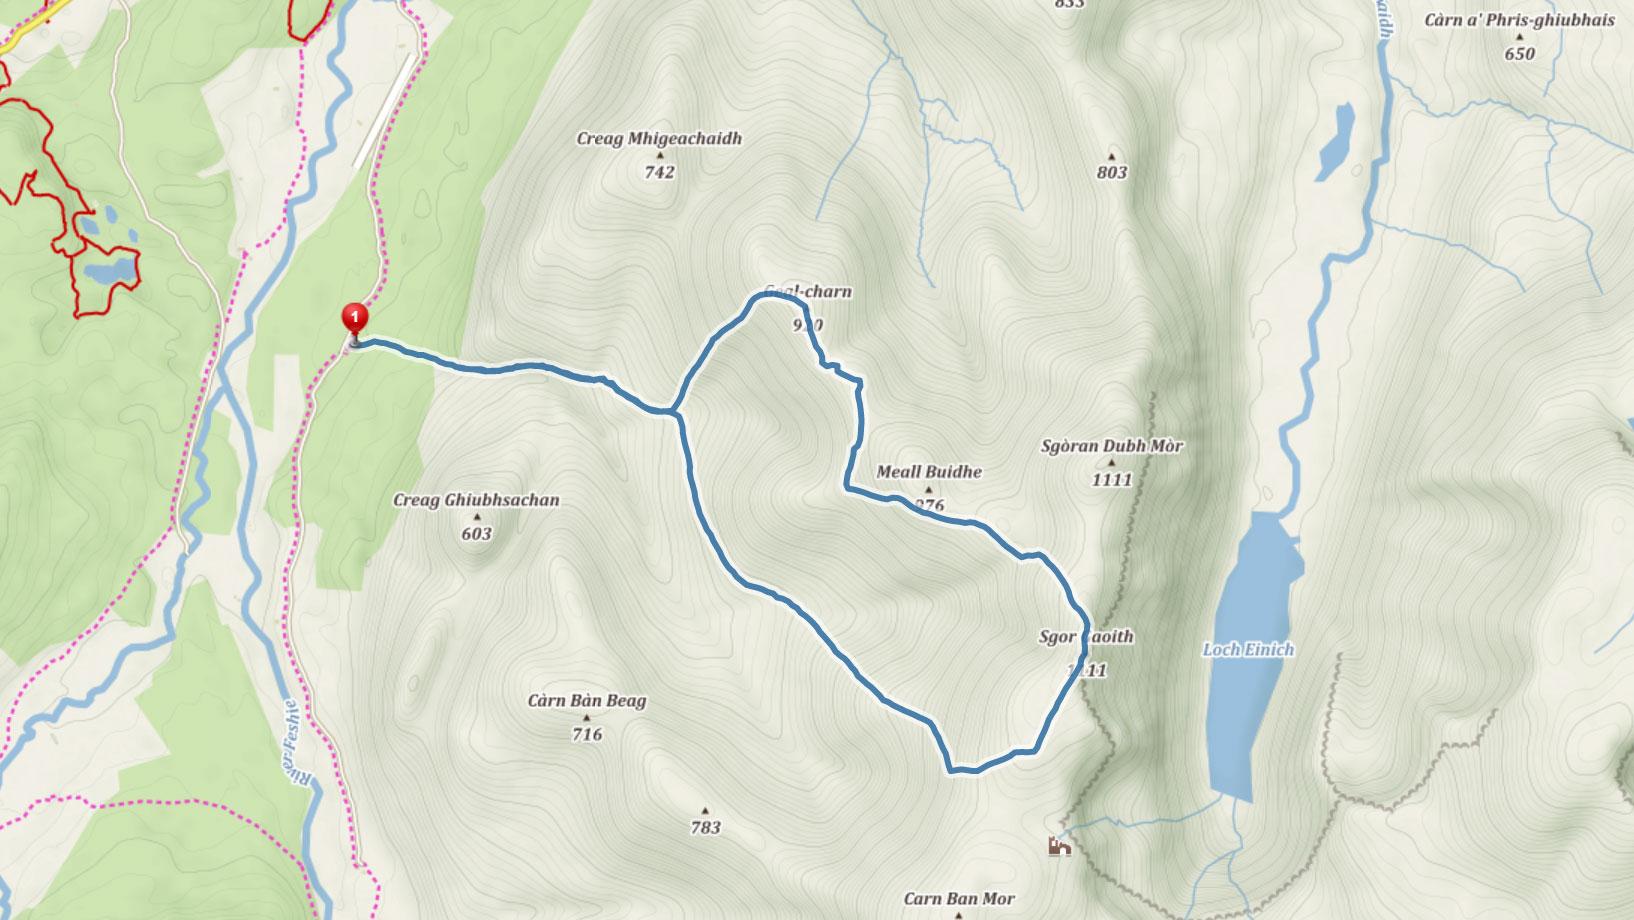 Popisovaná trasa na Sgor Gaoith